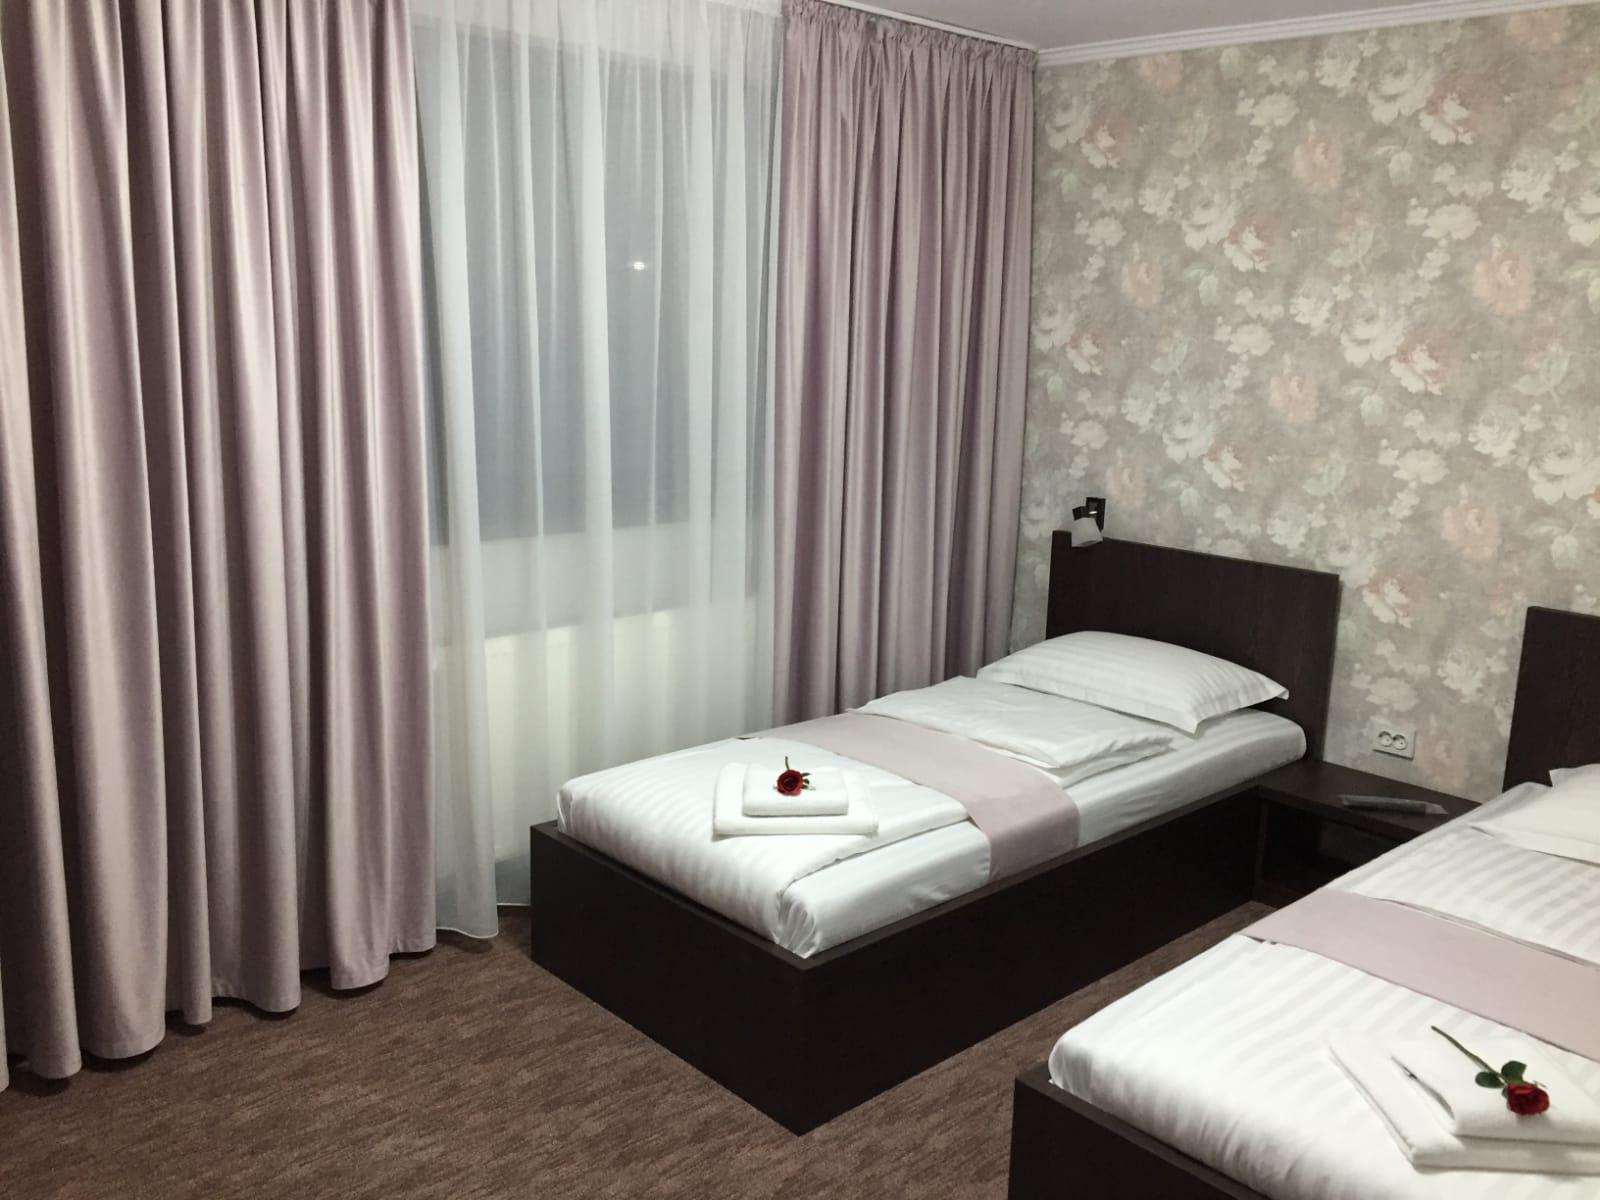 Inchiriez camere in pensiune in regim hotelier Calea Bodrogului